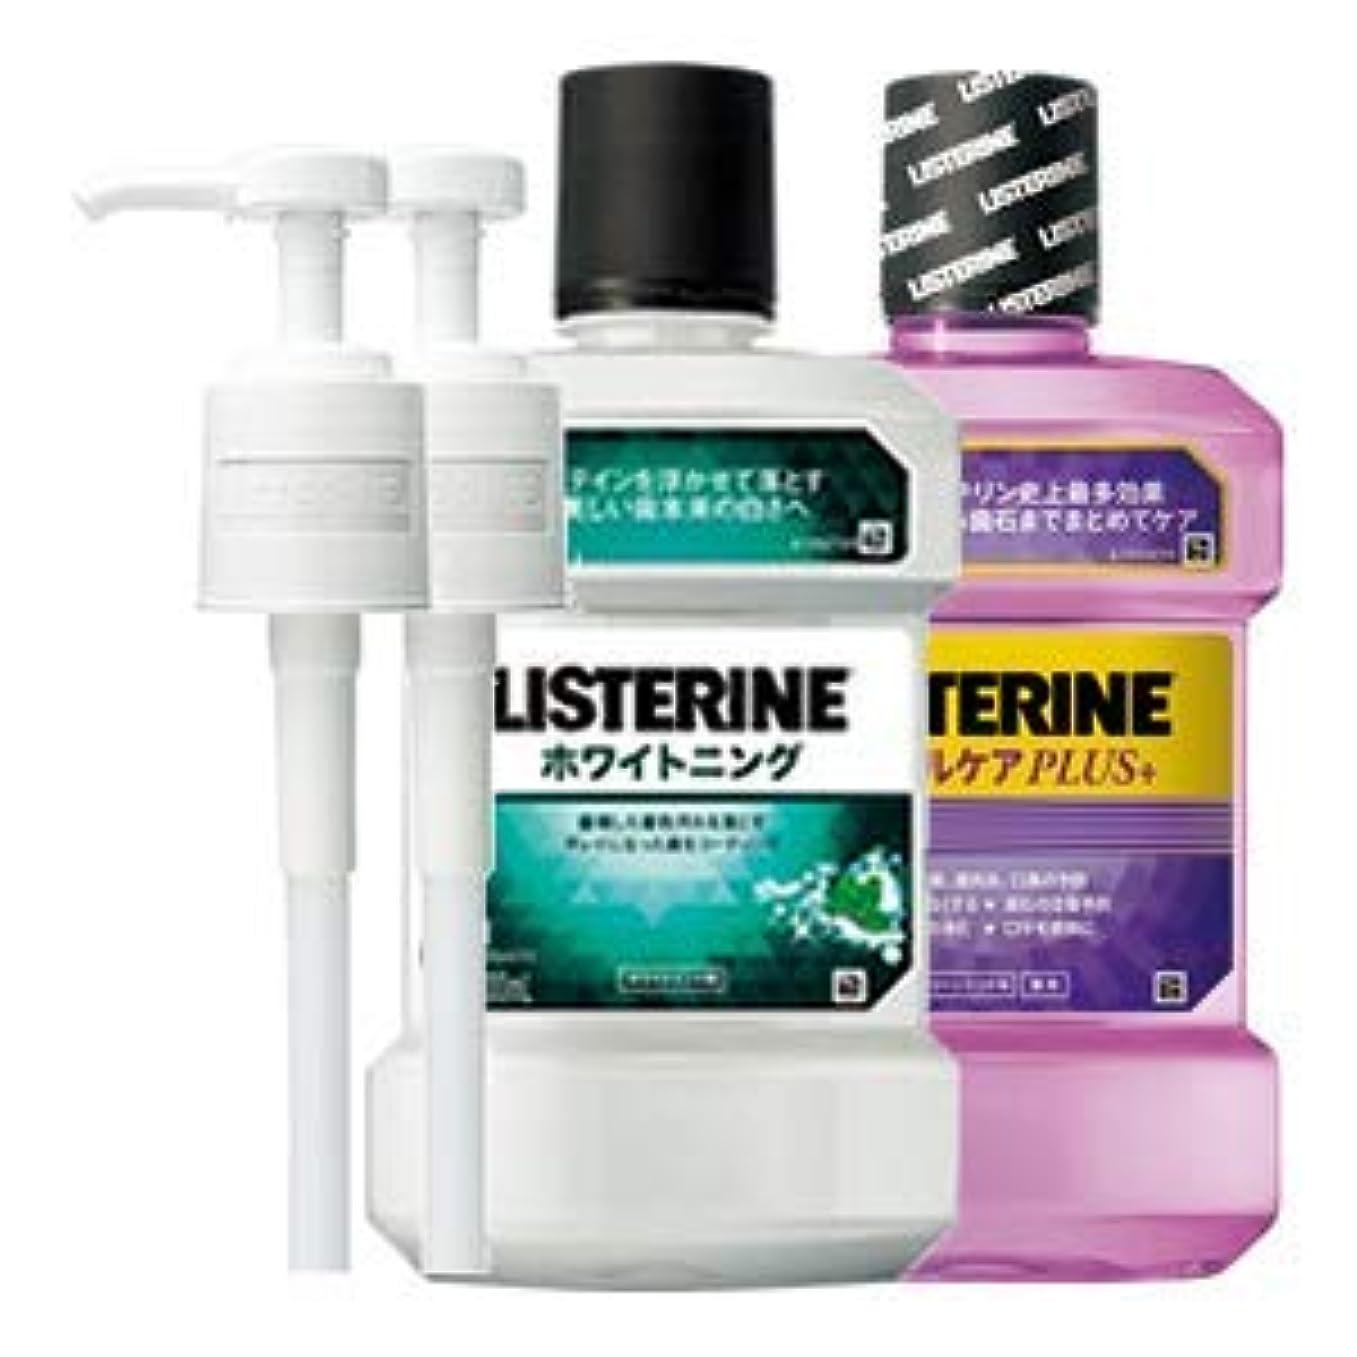 ひいきにするオーバーラン減らす薬用 リステリン ホワイトニング トータルケアプラス 1000mL 2点セット (ポンプ付)